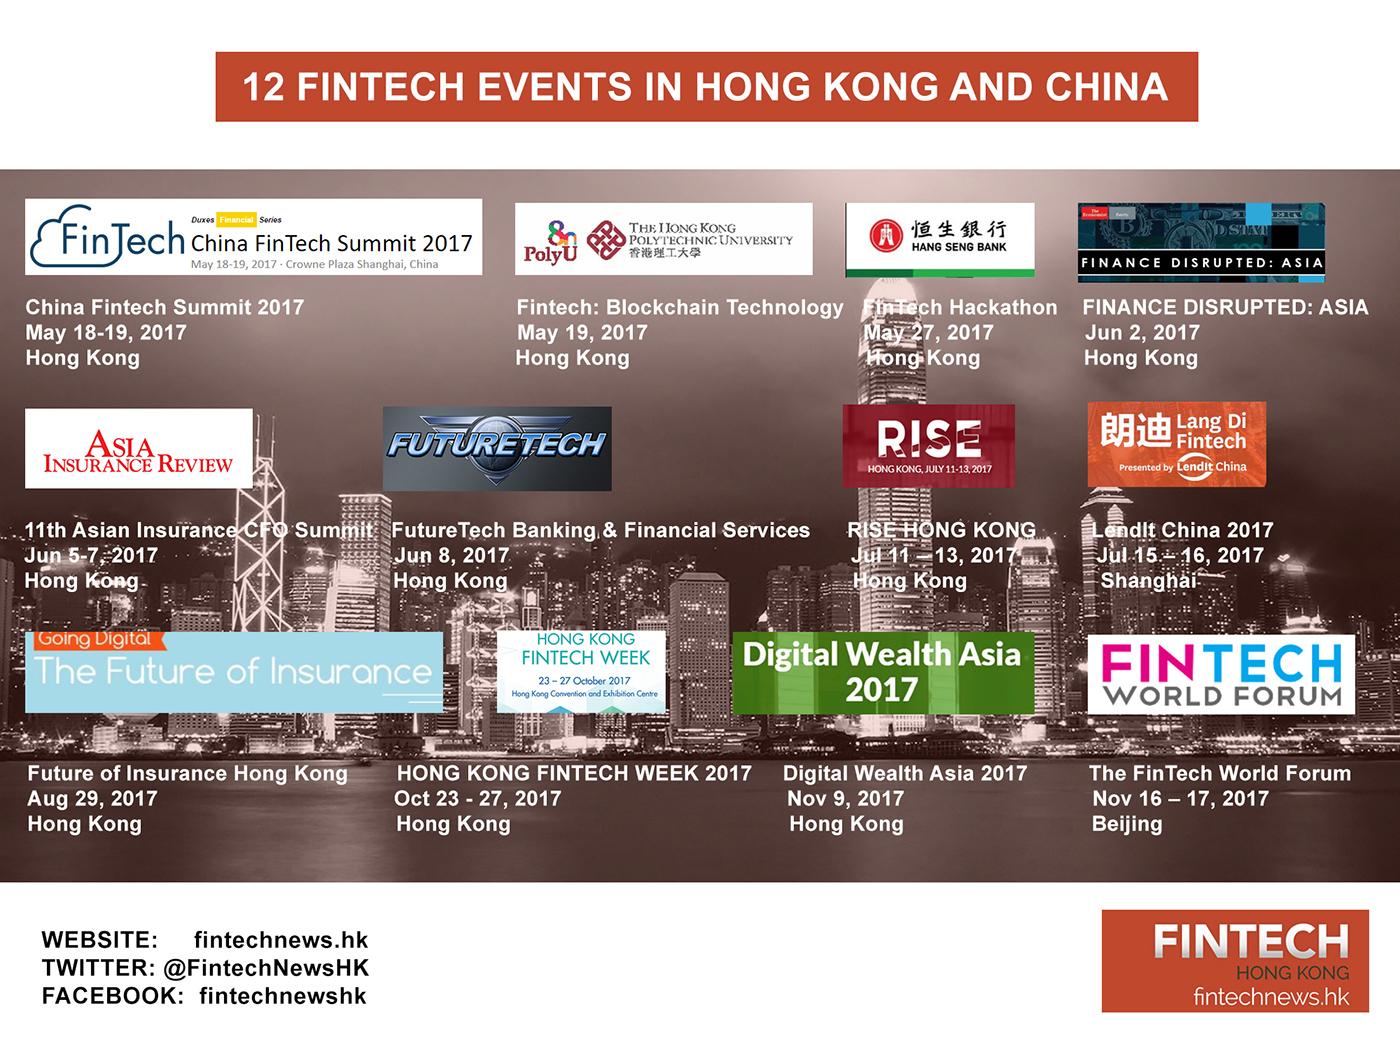 fintech events hong kong china 2017 fintechnews